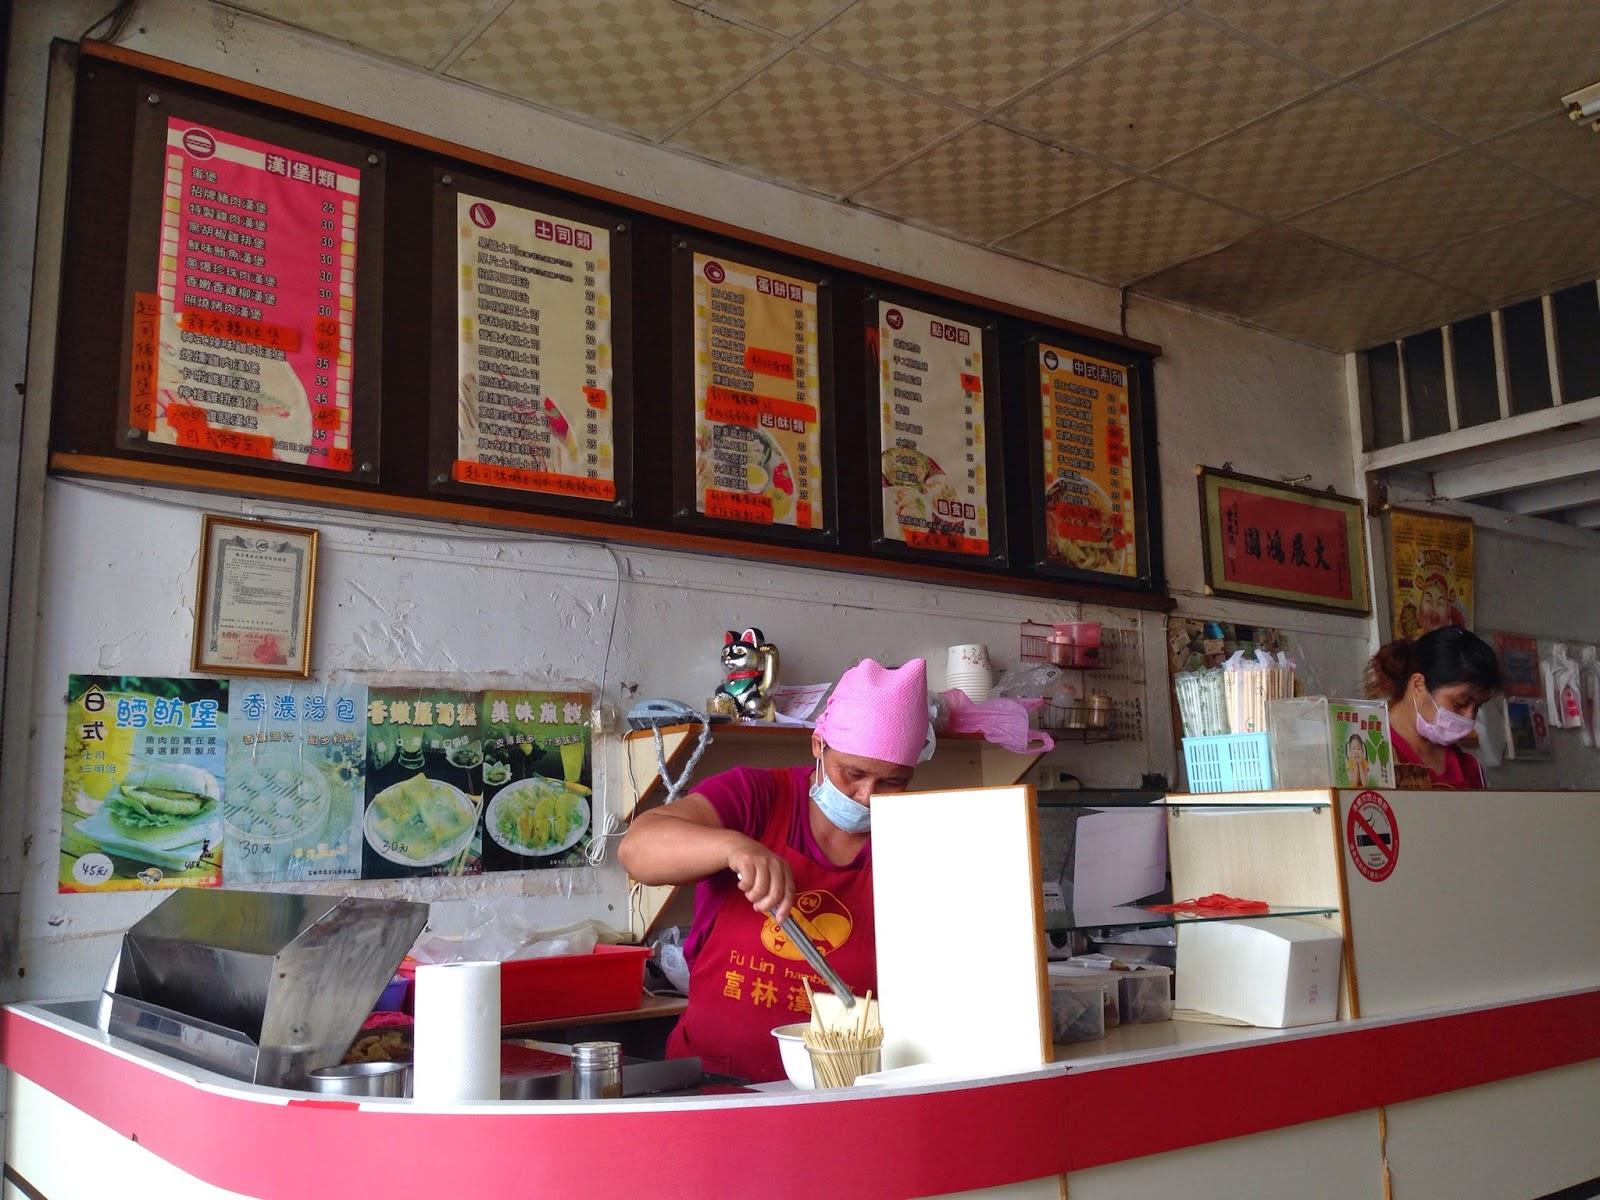 【吃我故鄉 車城】富林早餐店 好吃的大阪燒土司還有車城鹹鴨蛋料理